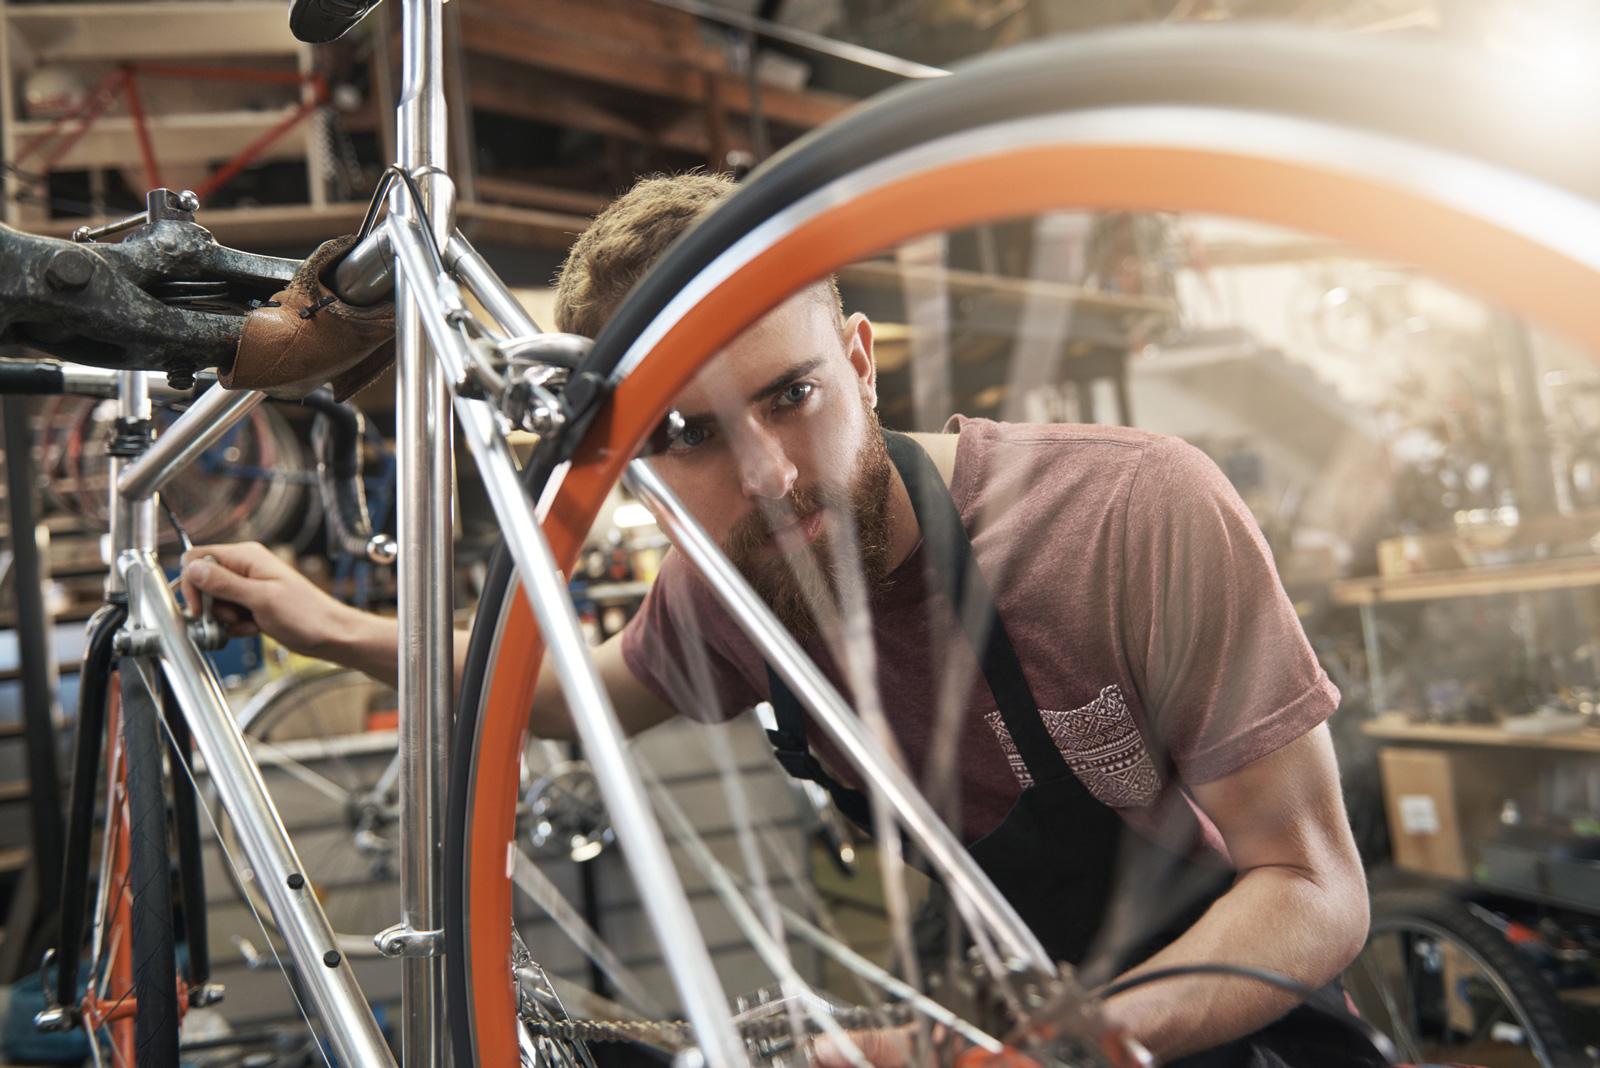 Der Fahrradmechaniker wird zum Fahrradmechatroniker